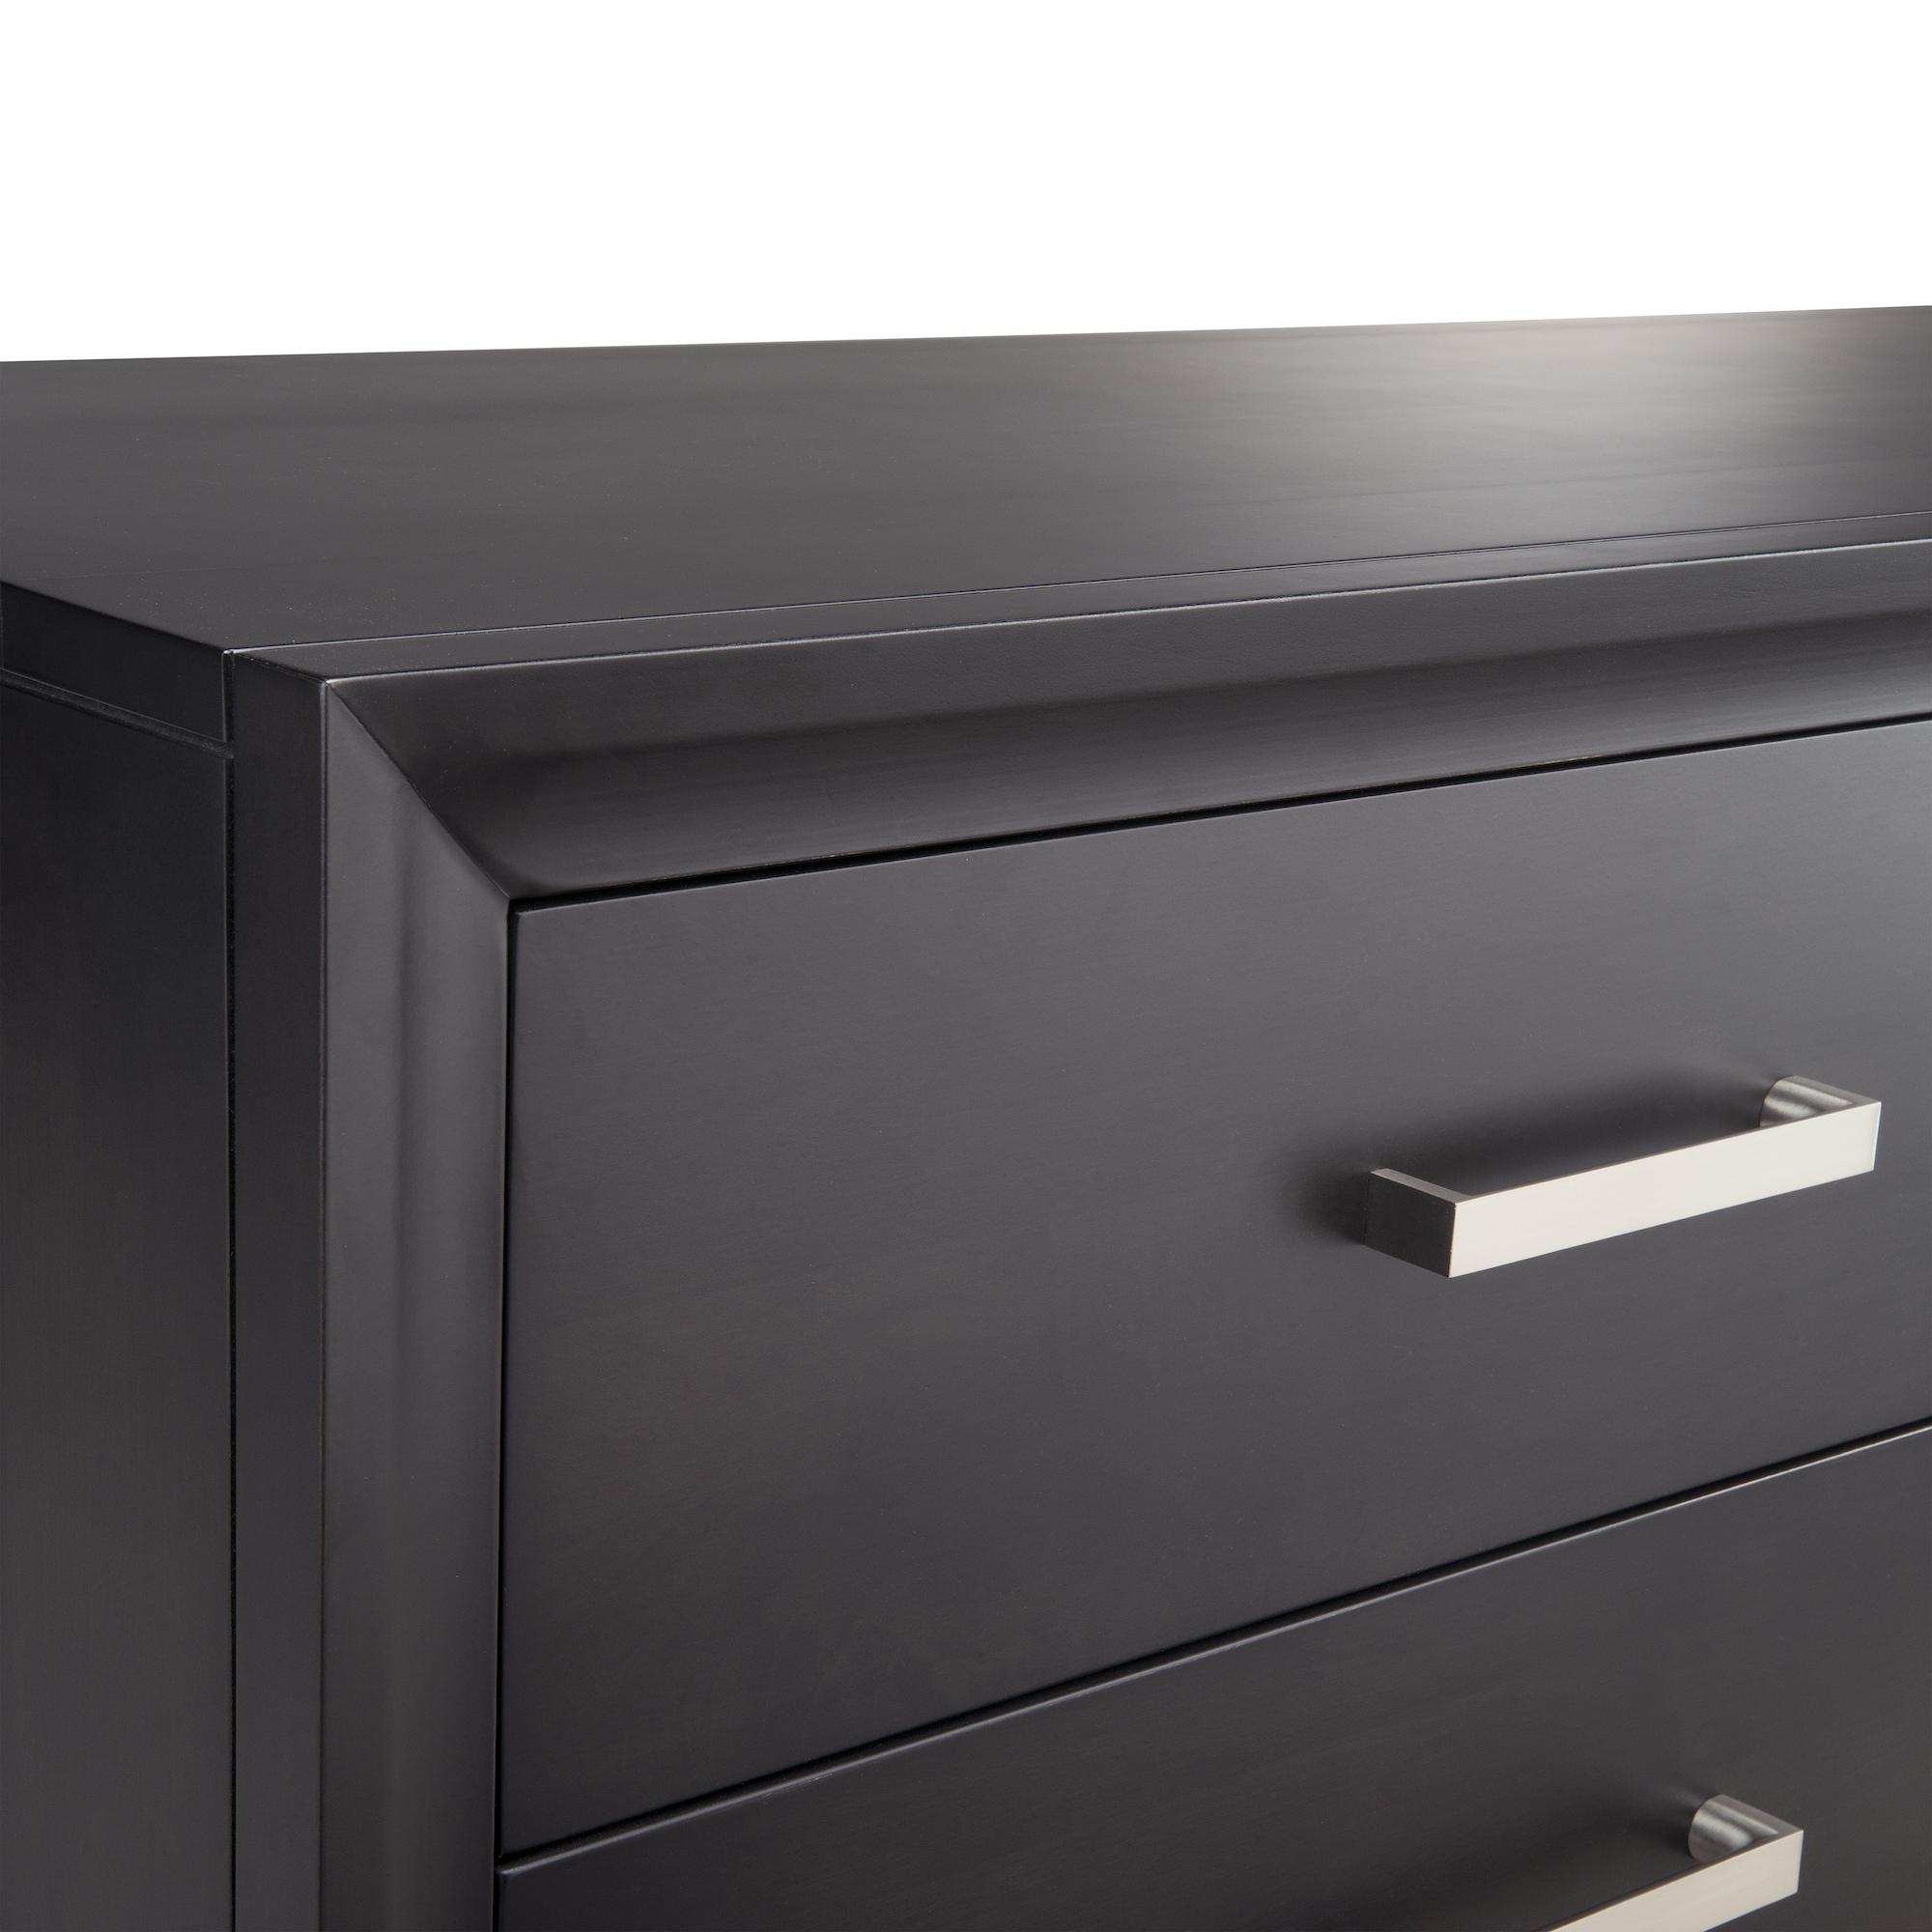 Yorkville_Dresser_Detail-1-2.jpg